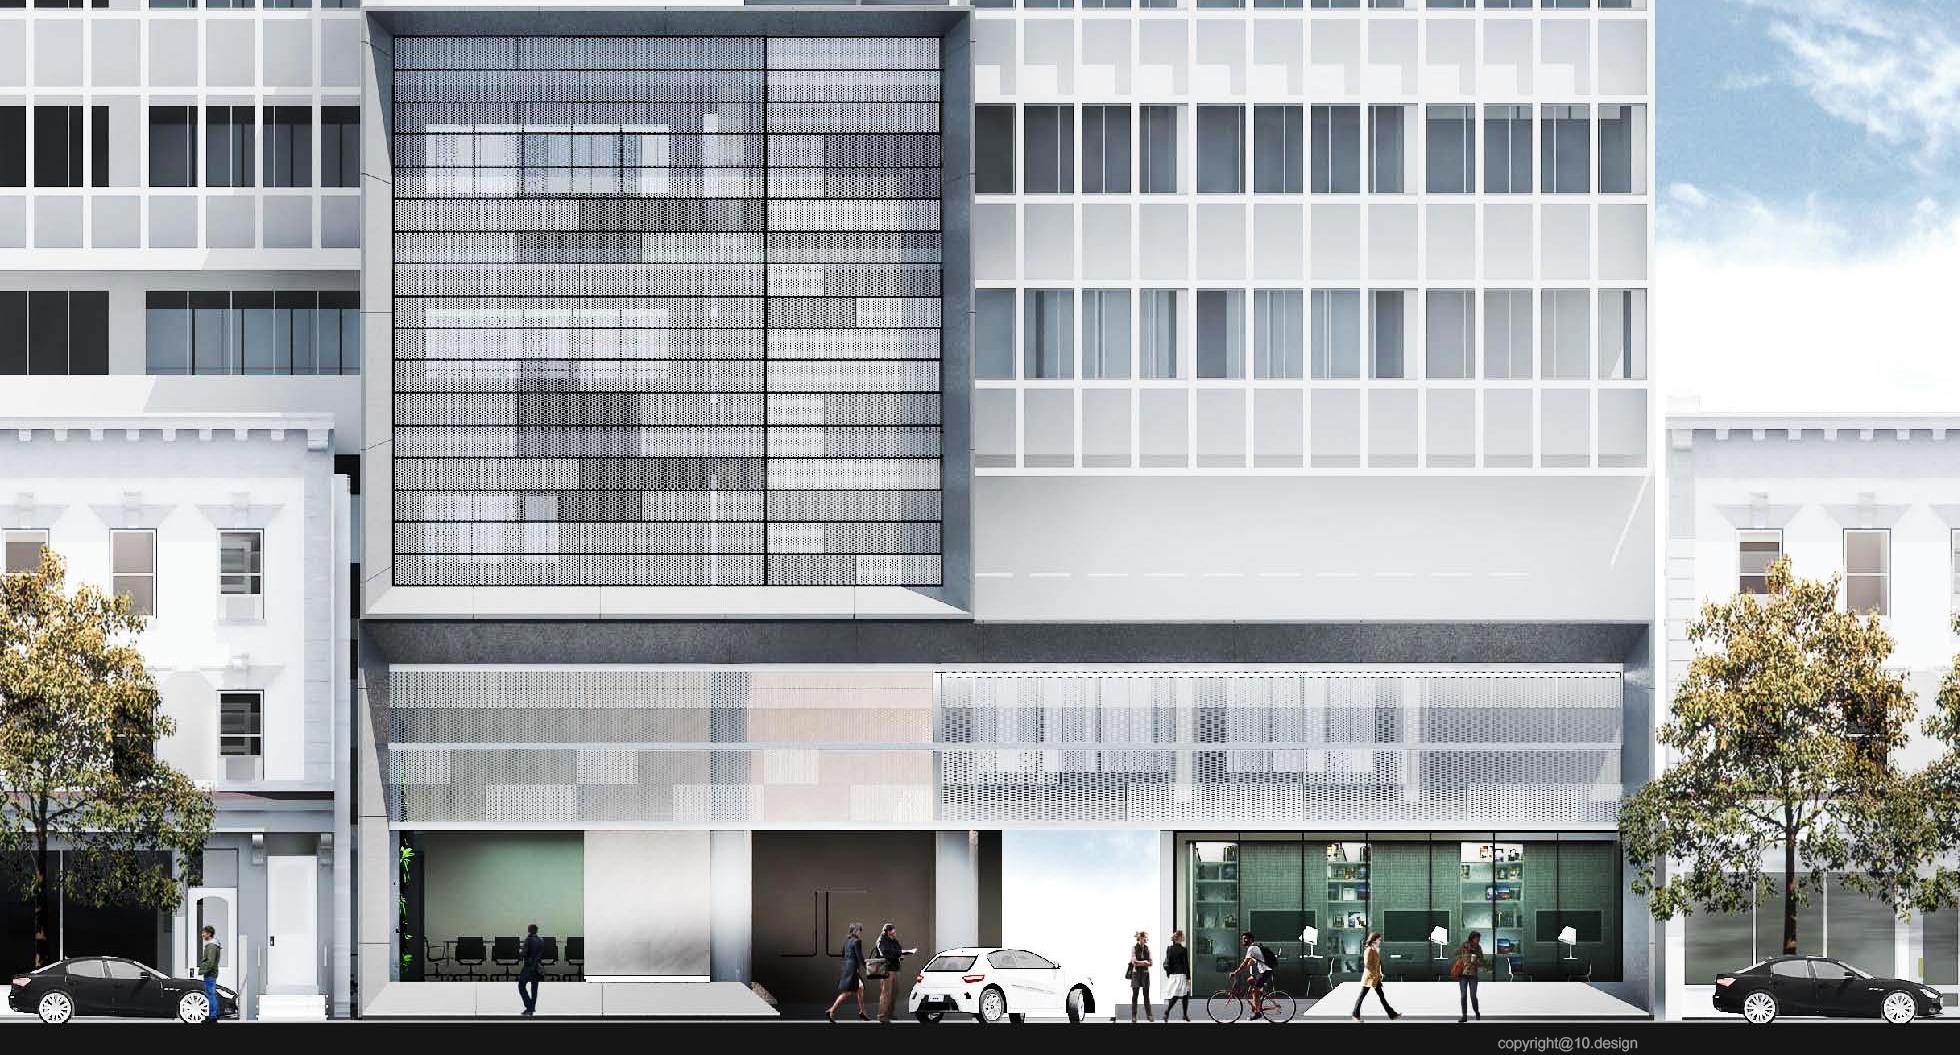 Chanwanich building renavation 10design architecture skin facade concrete scheme 06